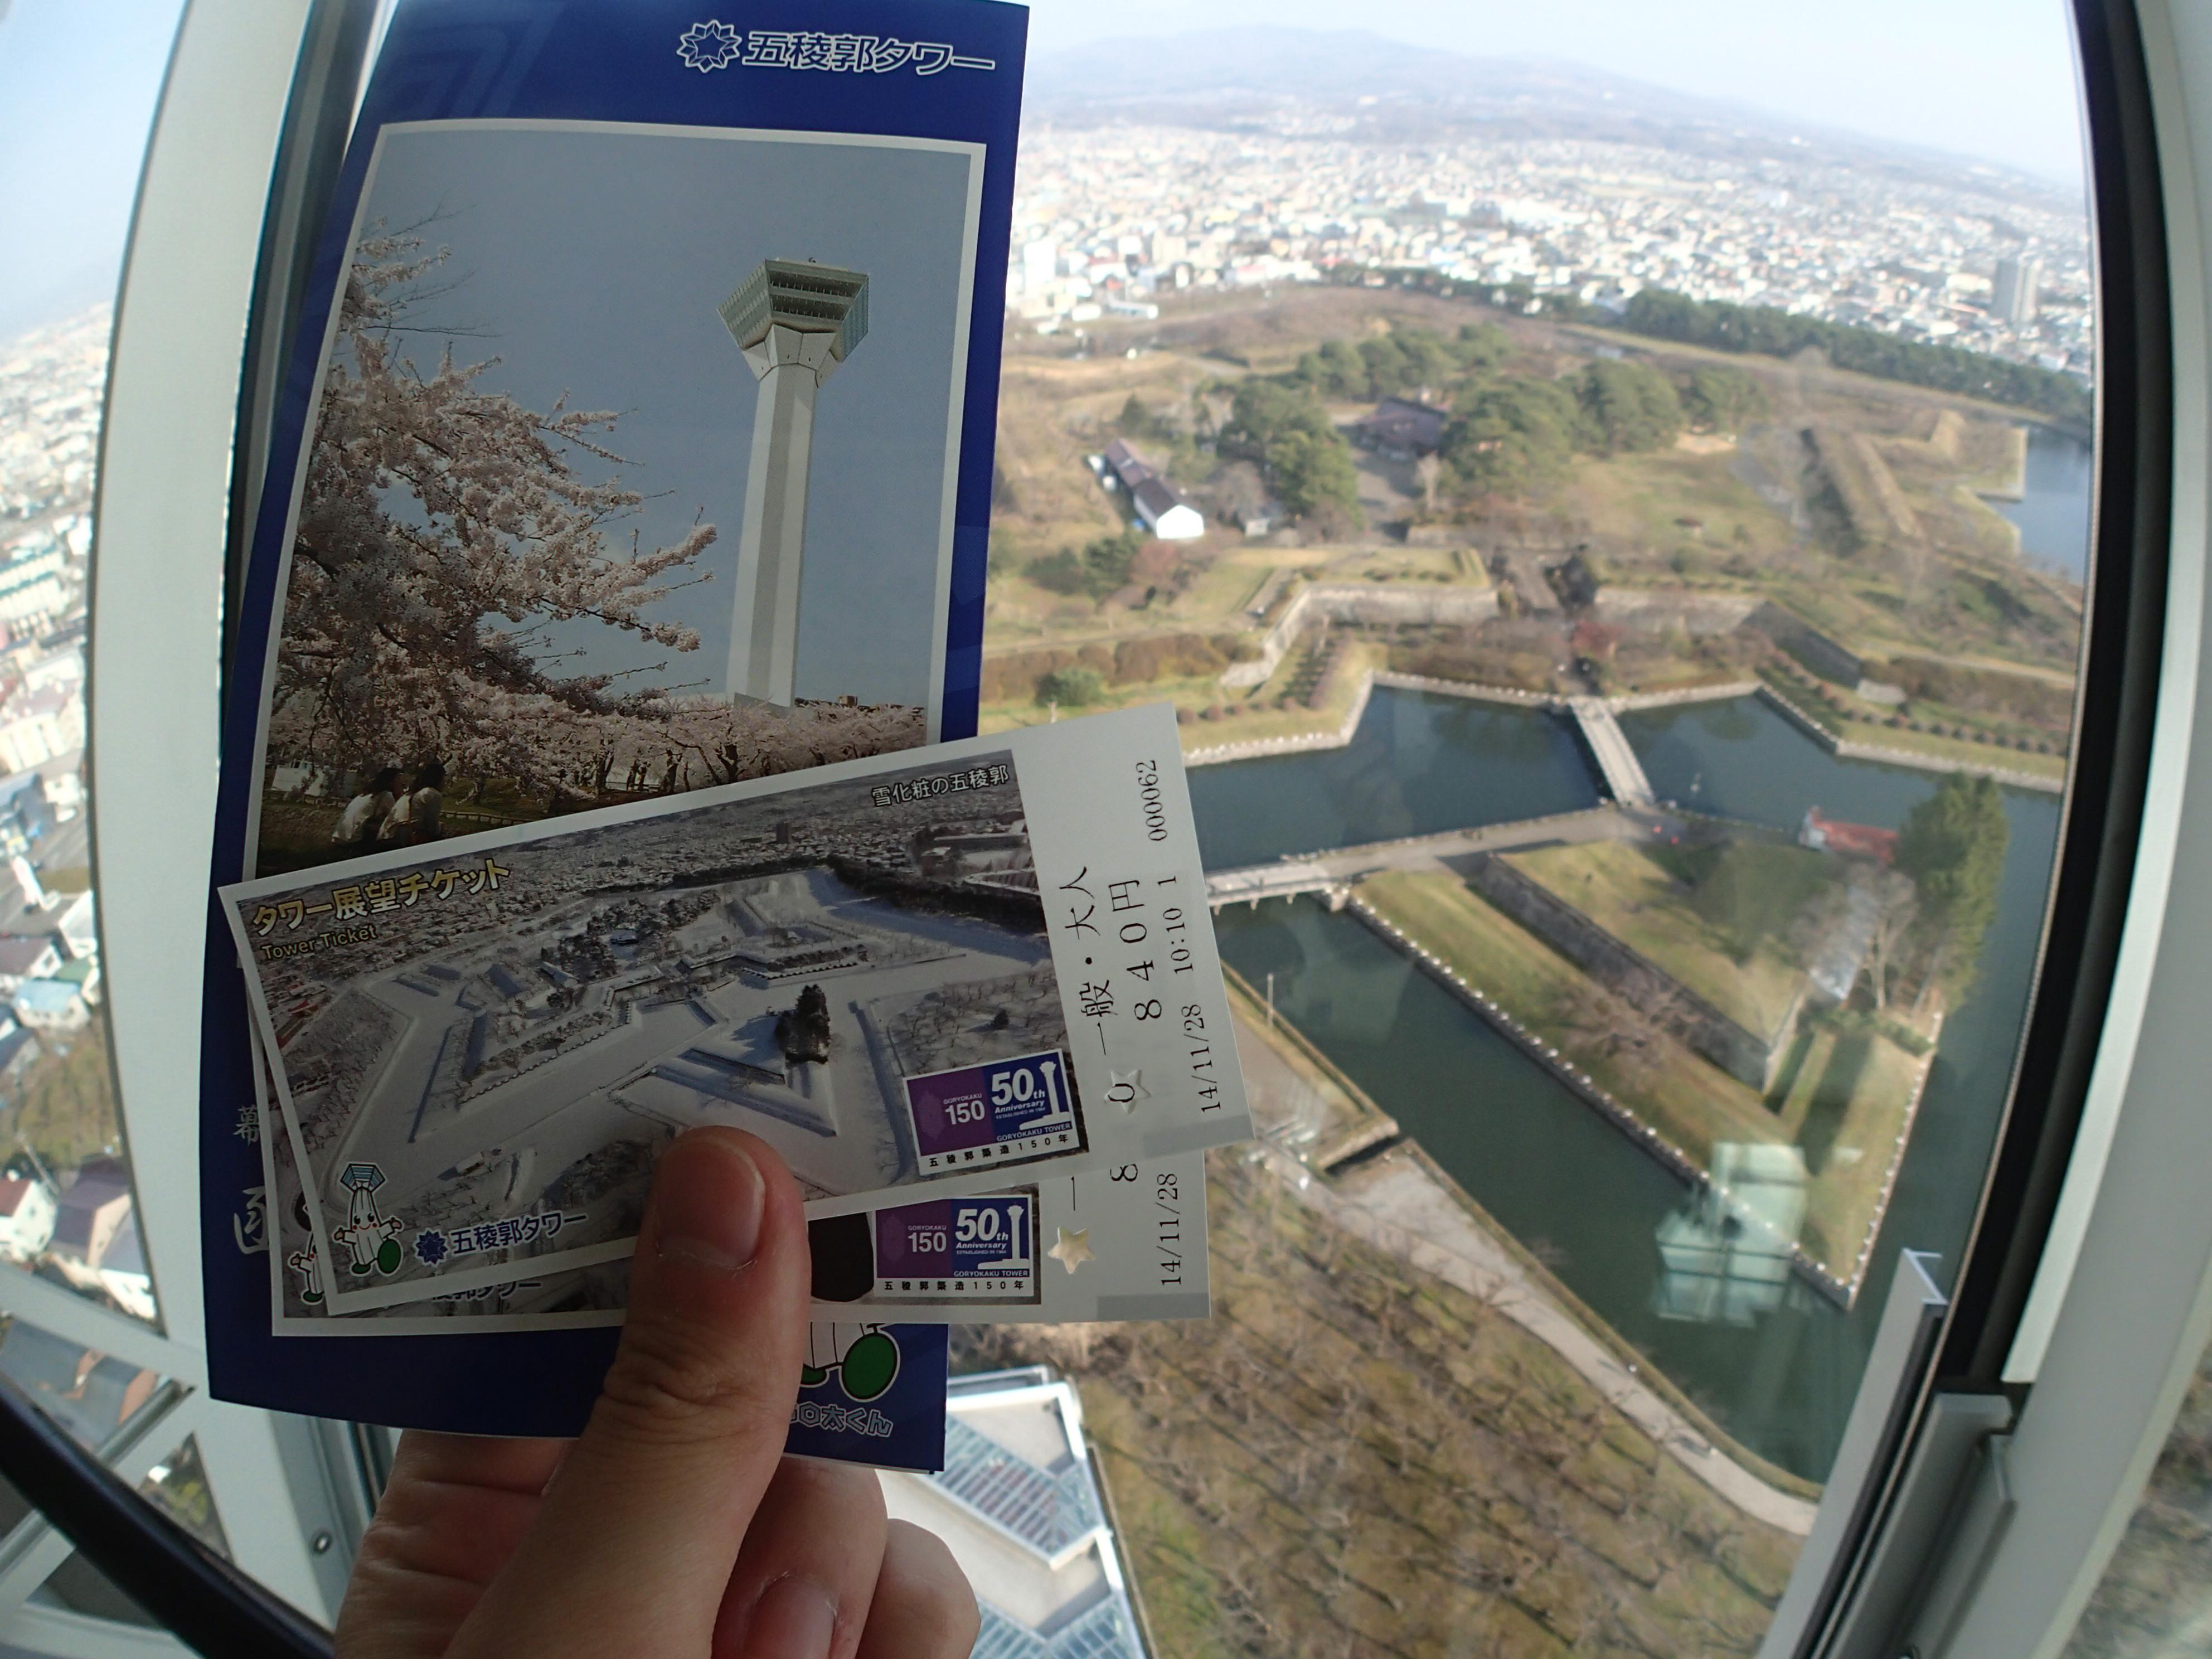 タワーのチケットと共に